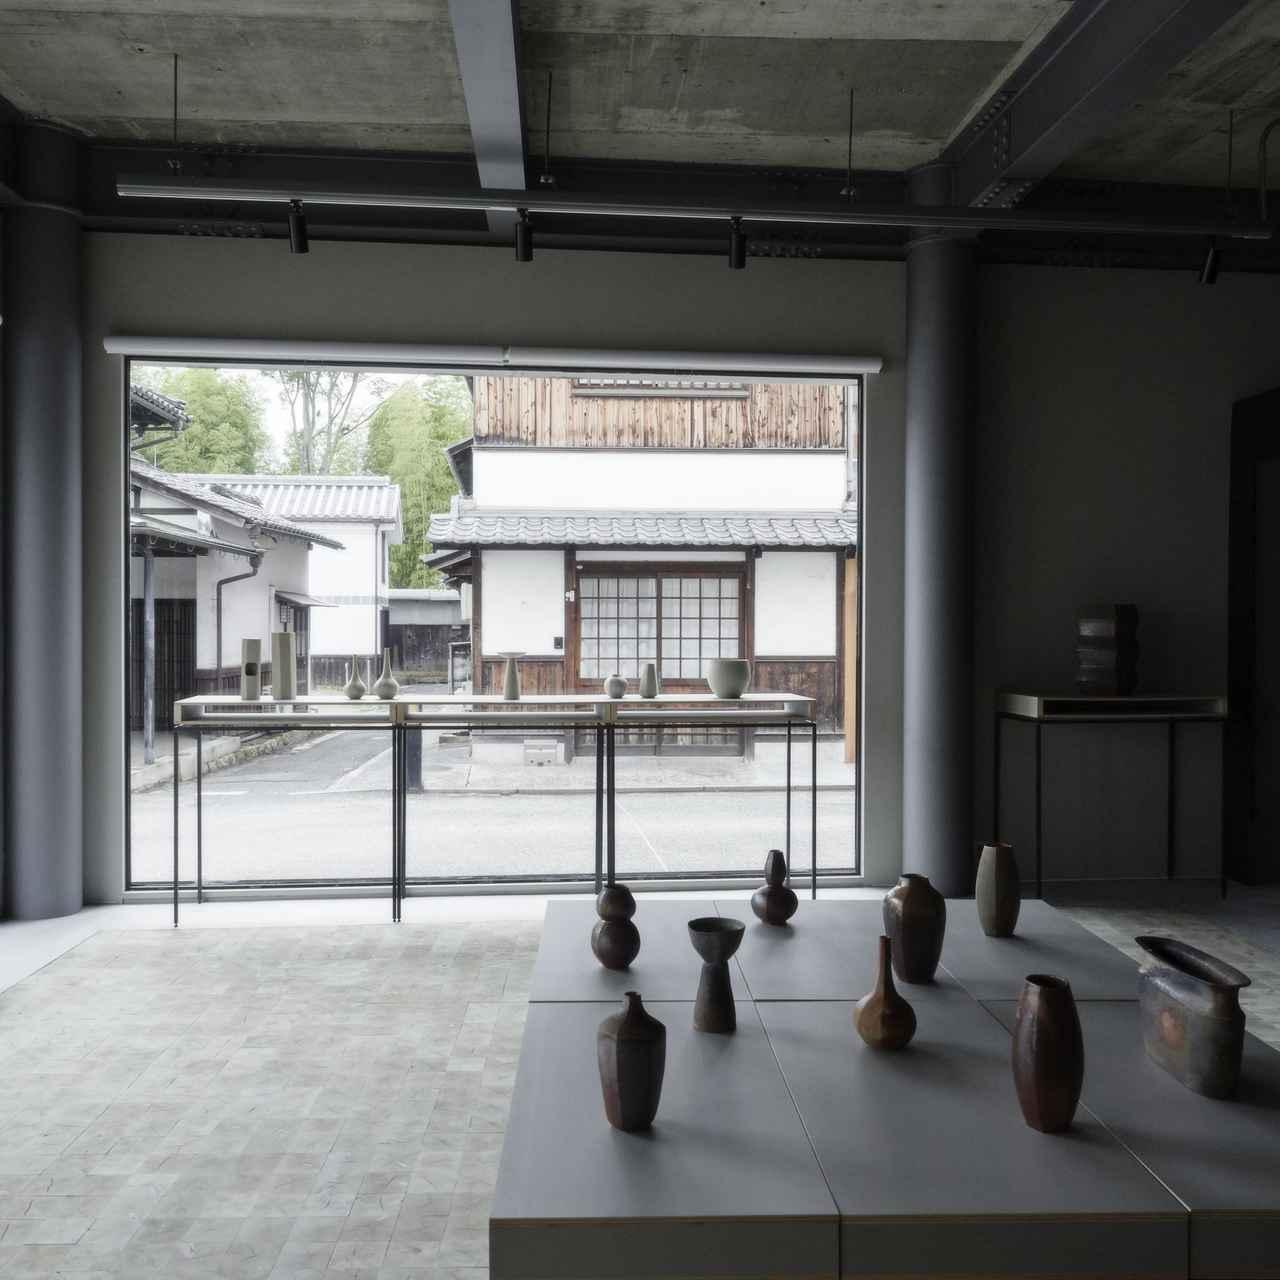 画像6: うつわで日本を旅する。手に触れてはじめて真価がわかる、クラフト探訪